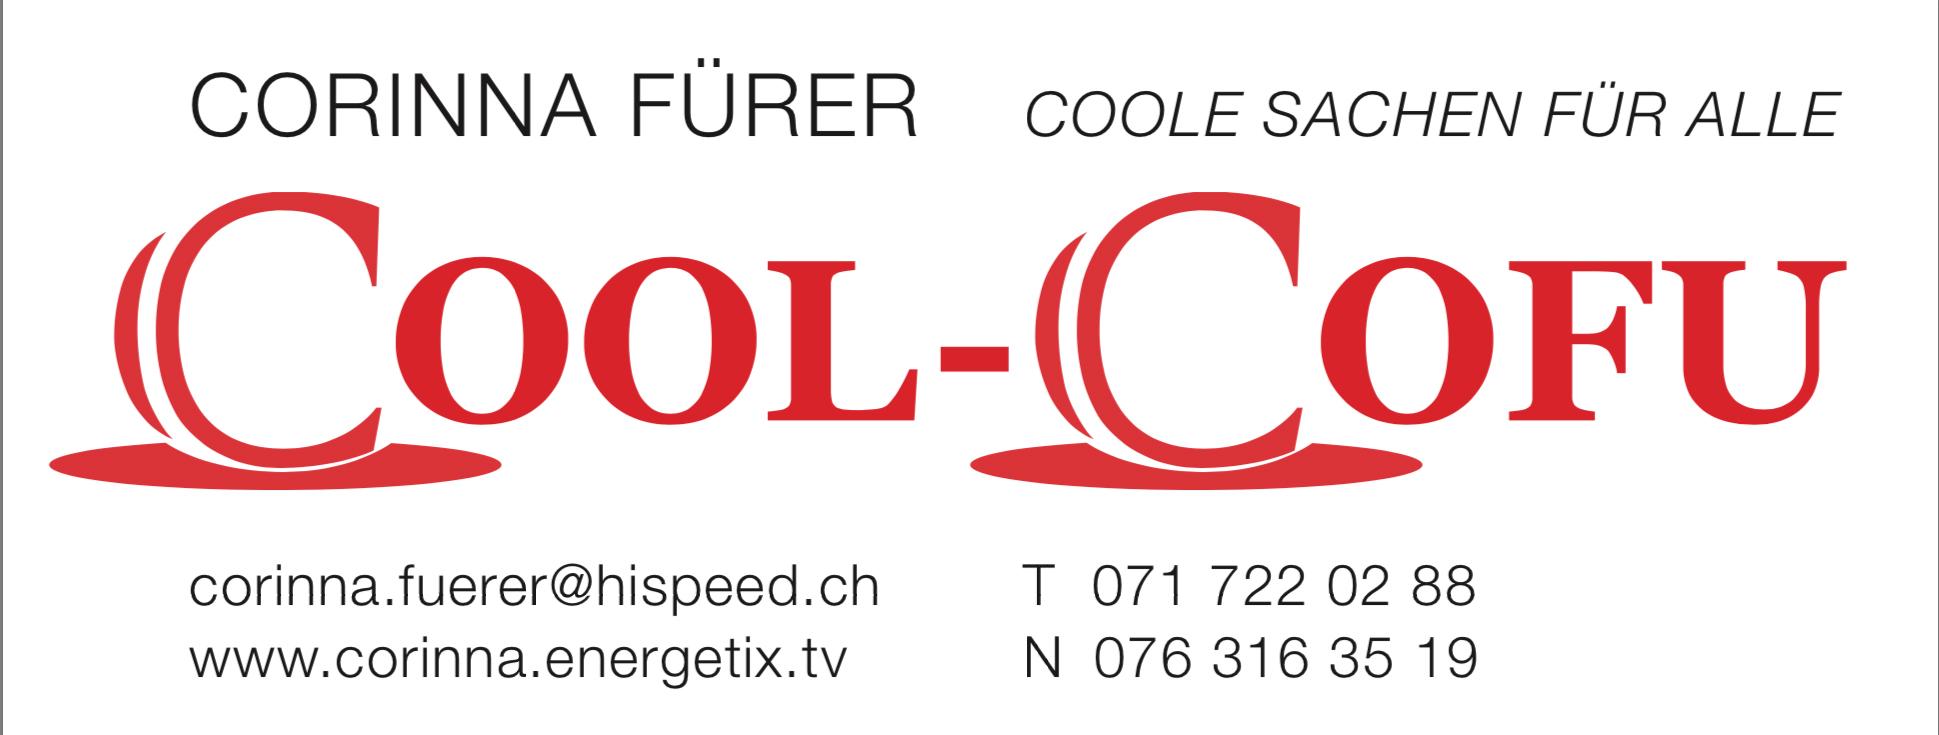 Cool-Cofu